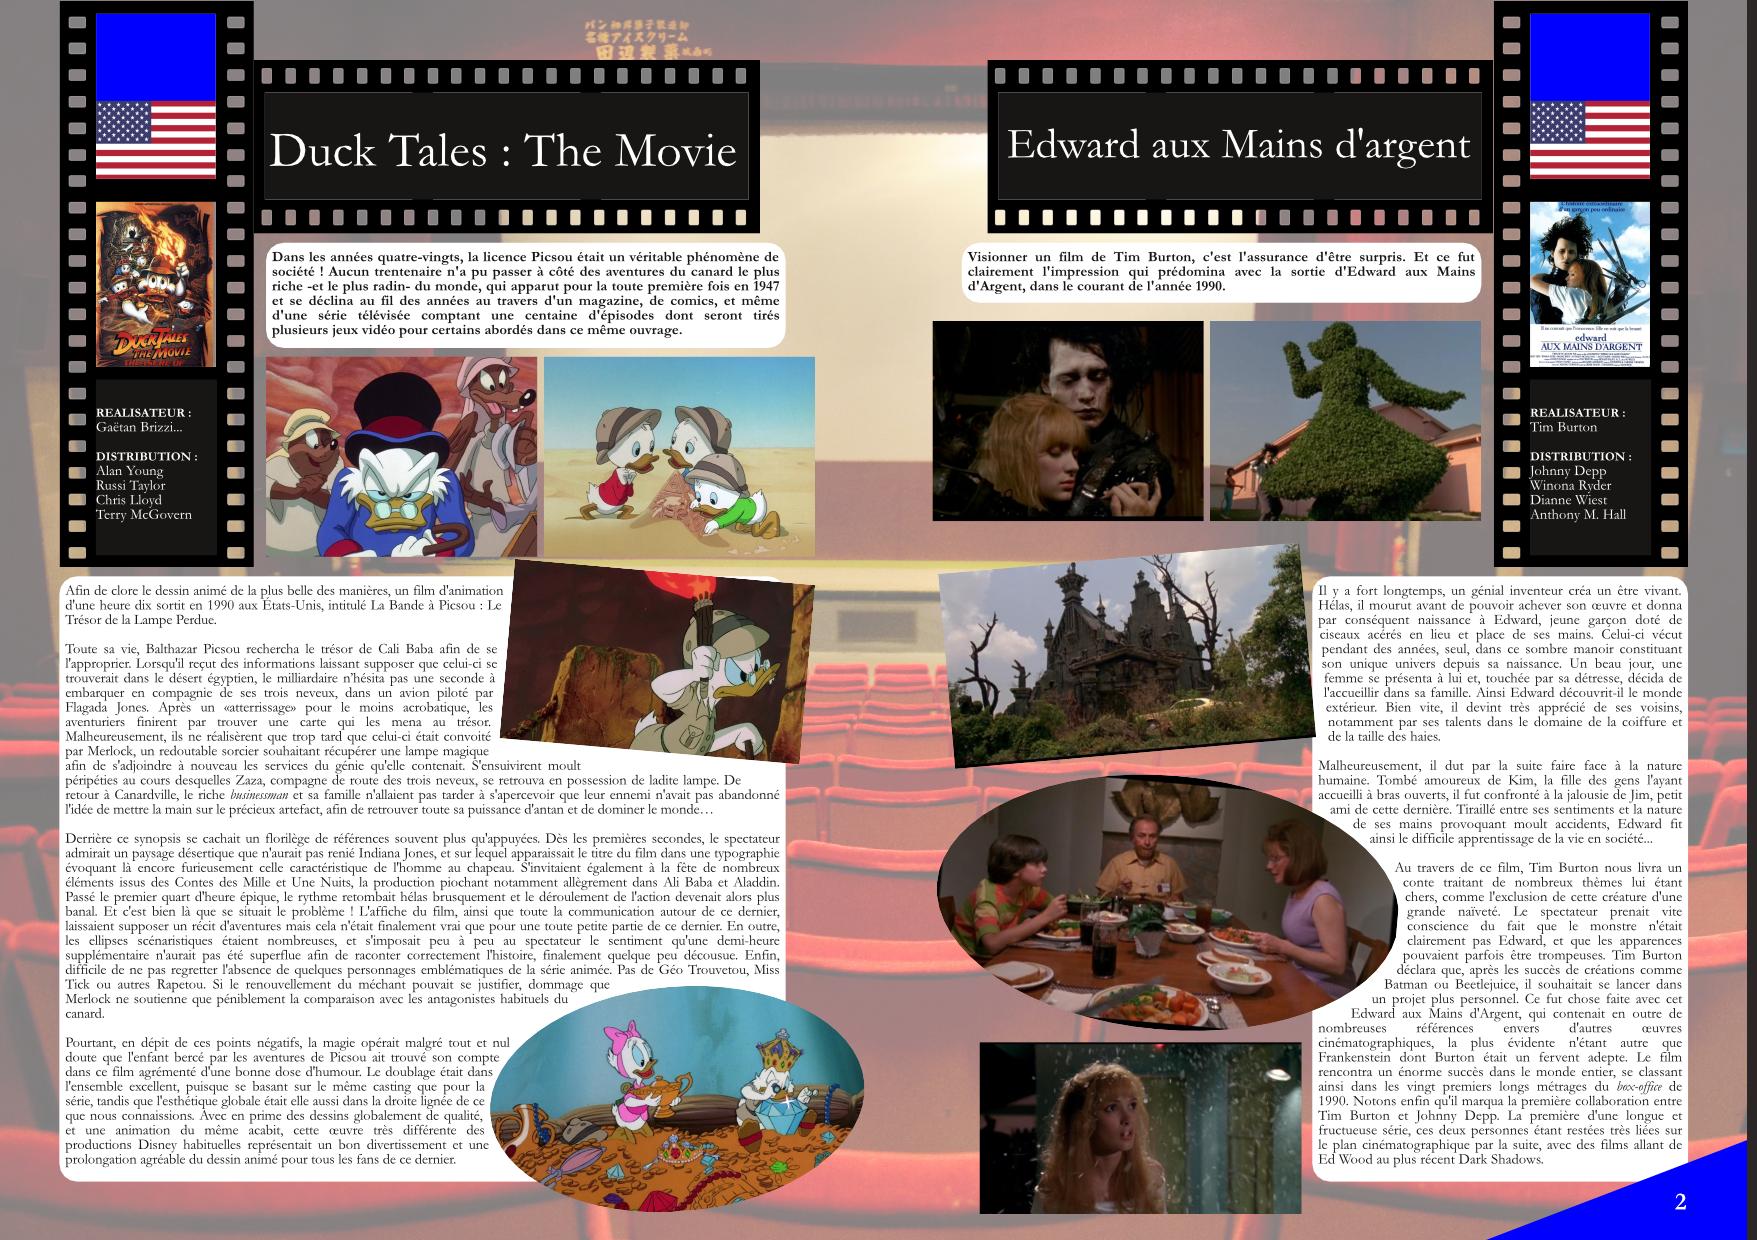 Flashback'90 extrait film - Duck Tales, Edward aux mains d'argent